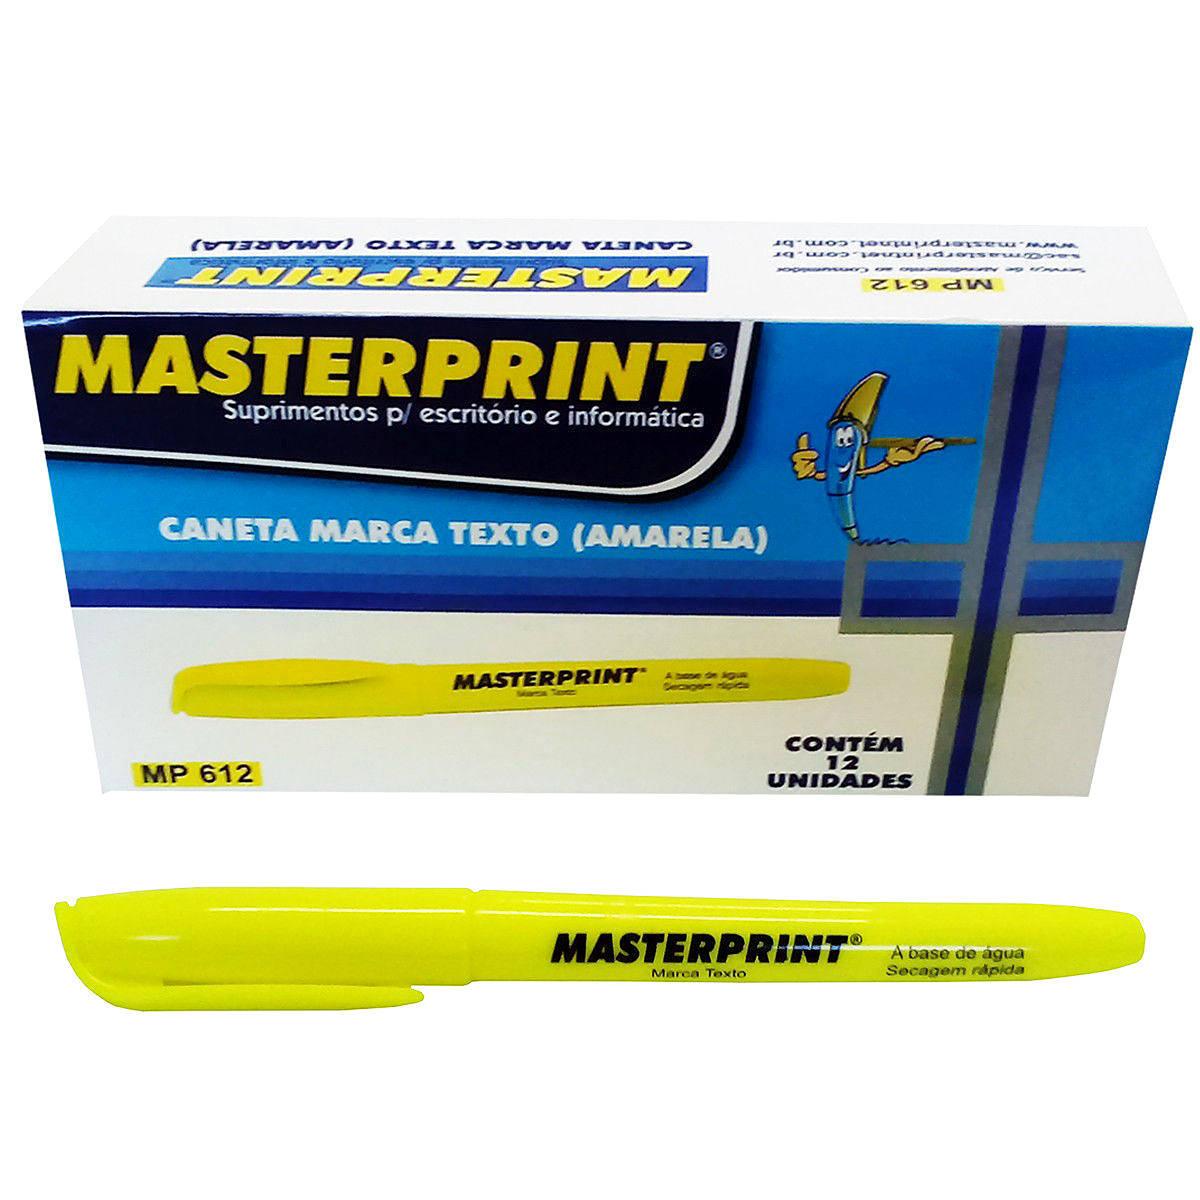 Caneta Marca Texto Amarela com Ponta Chanfrada Masterprint MP612 Pincel MP 612 / Caixa com 12 Unidades